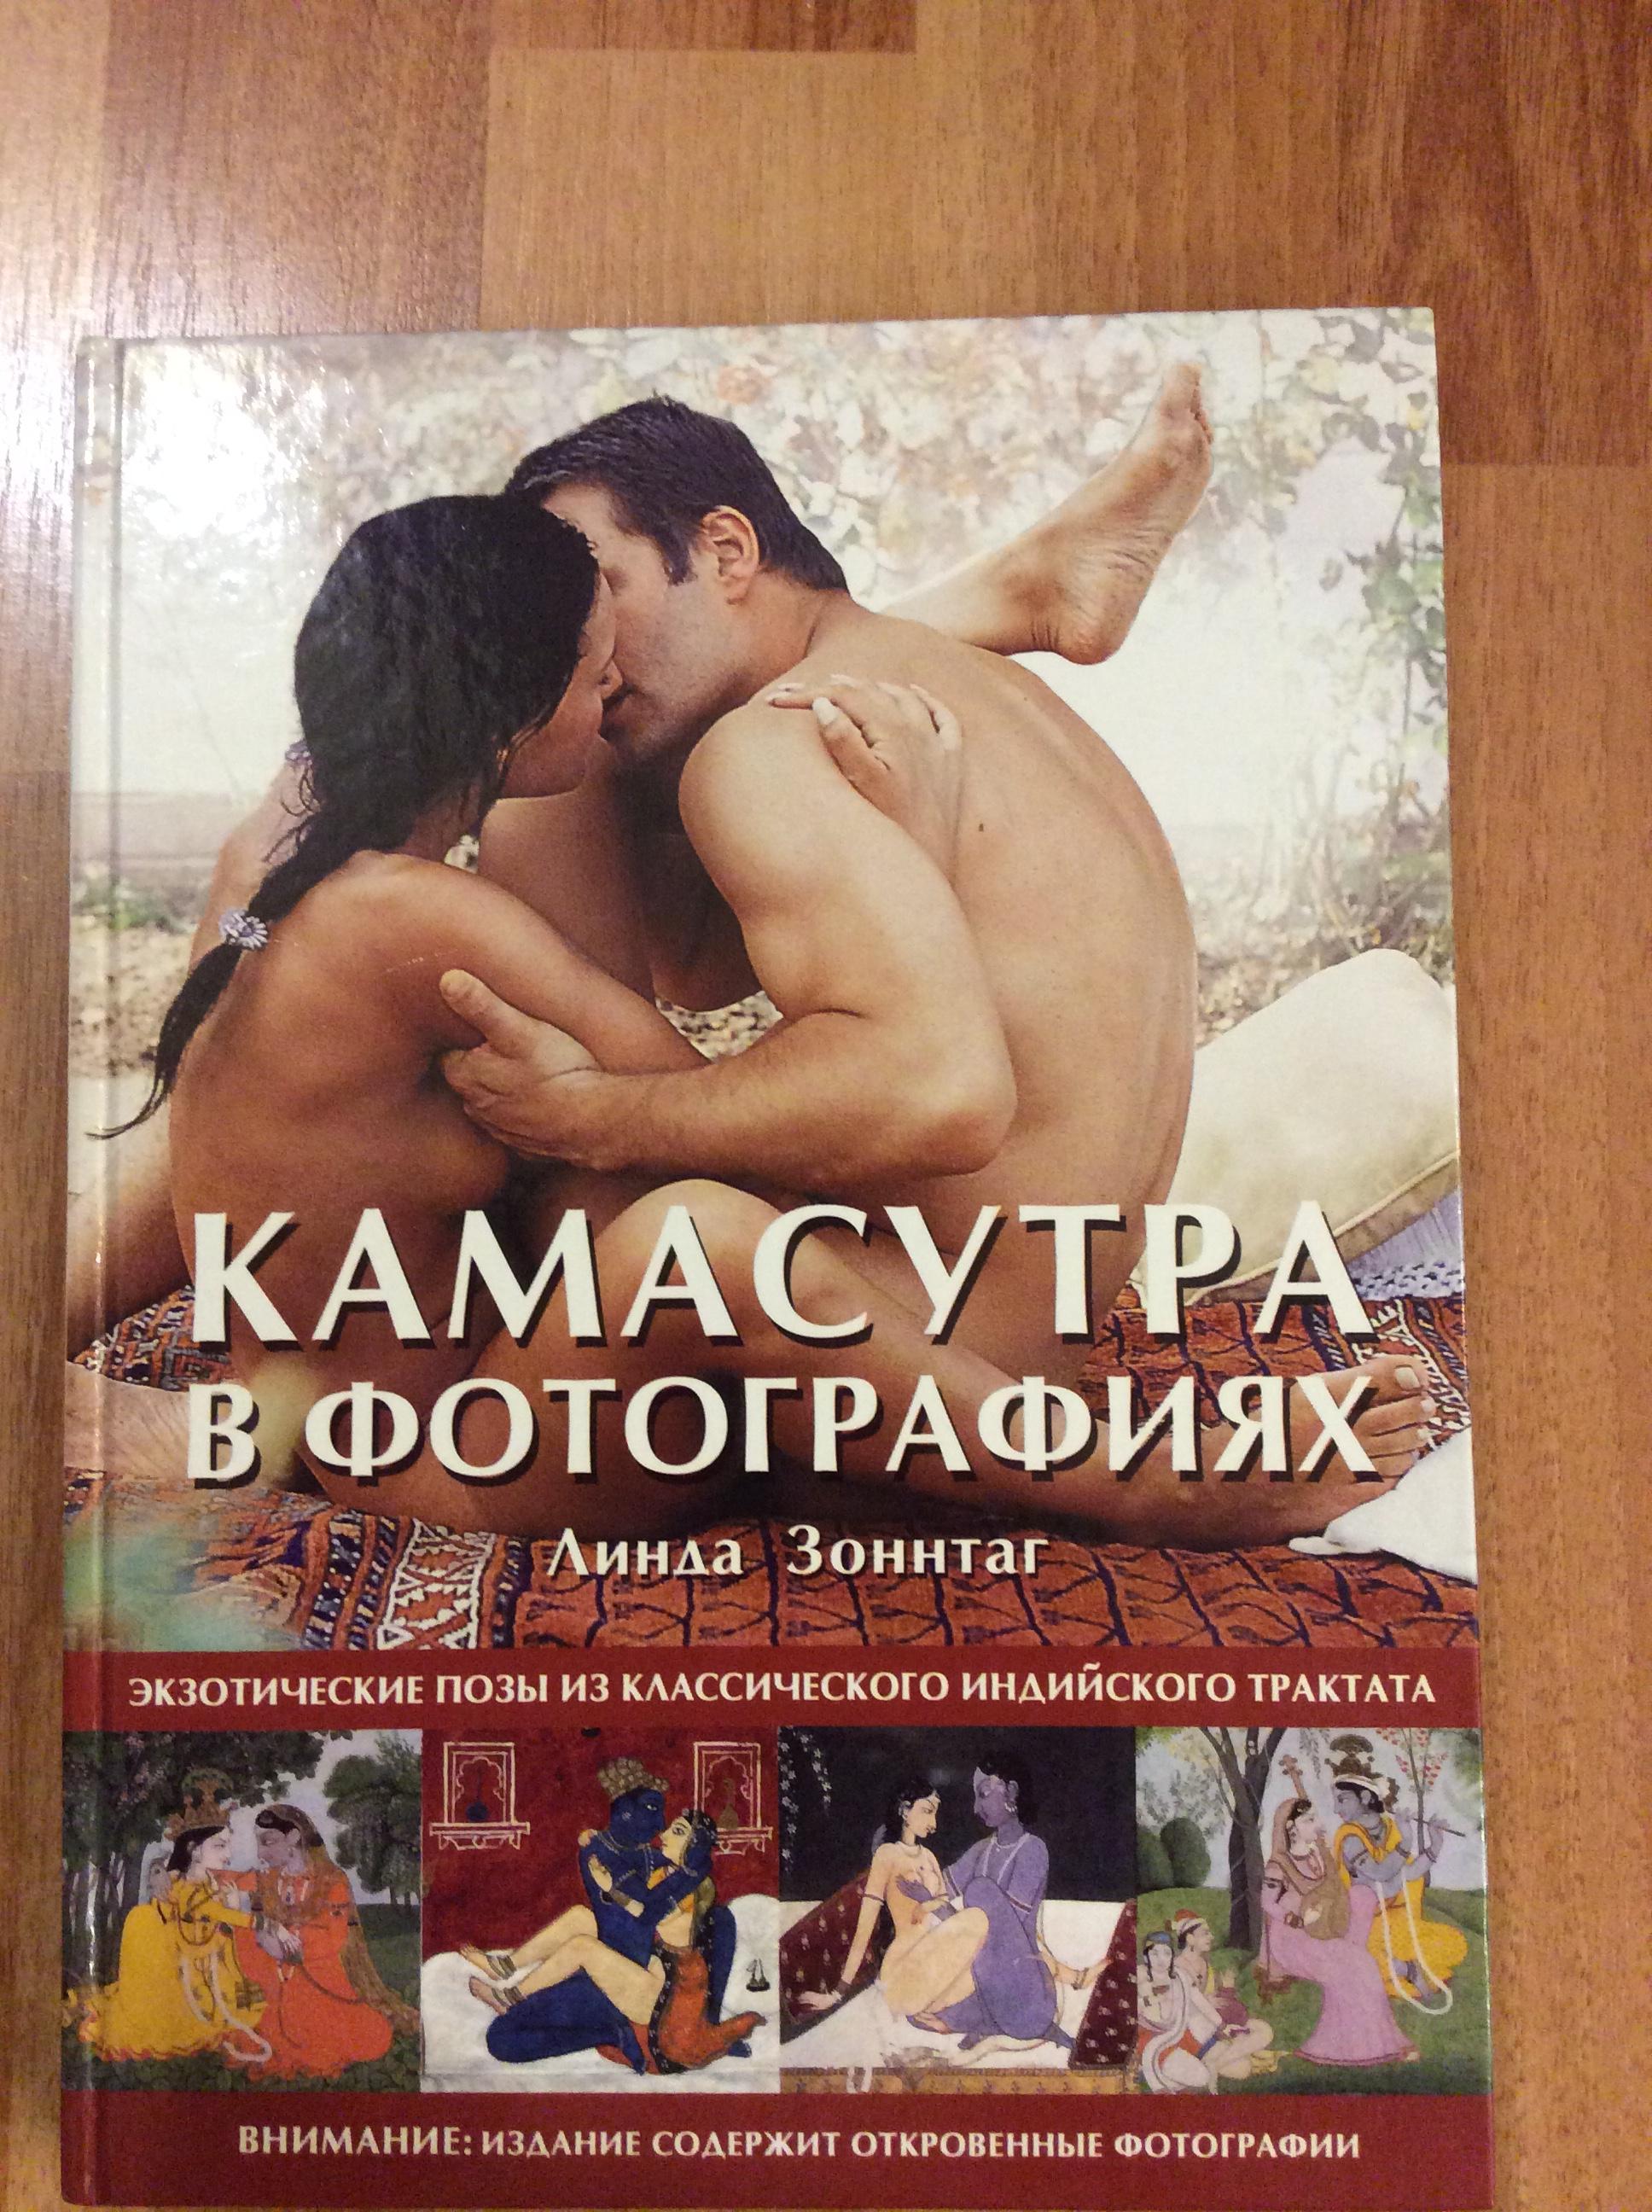 slavyanskaya-kamasutra